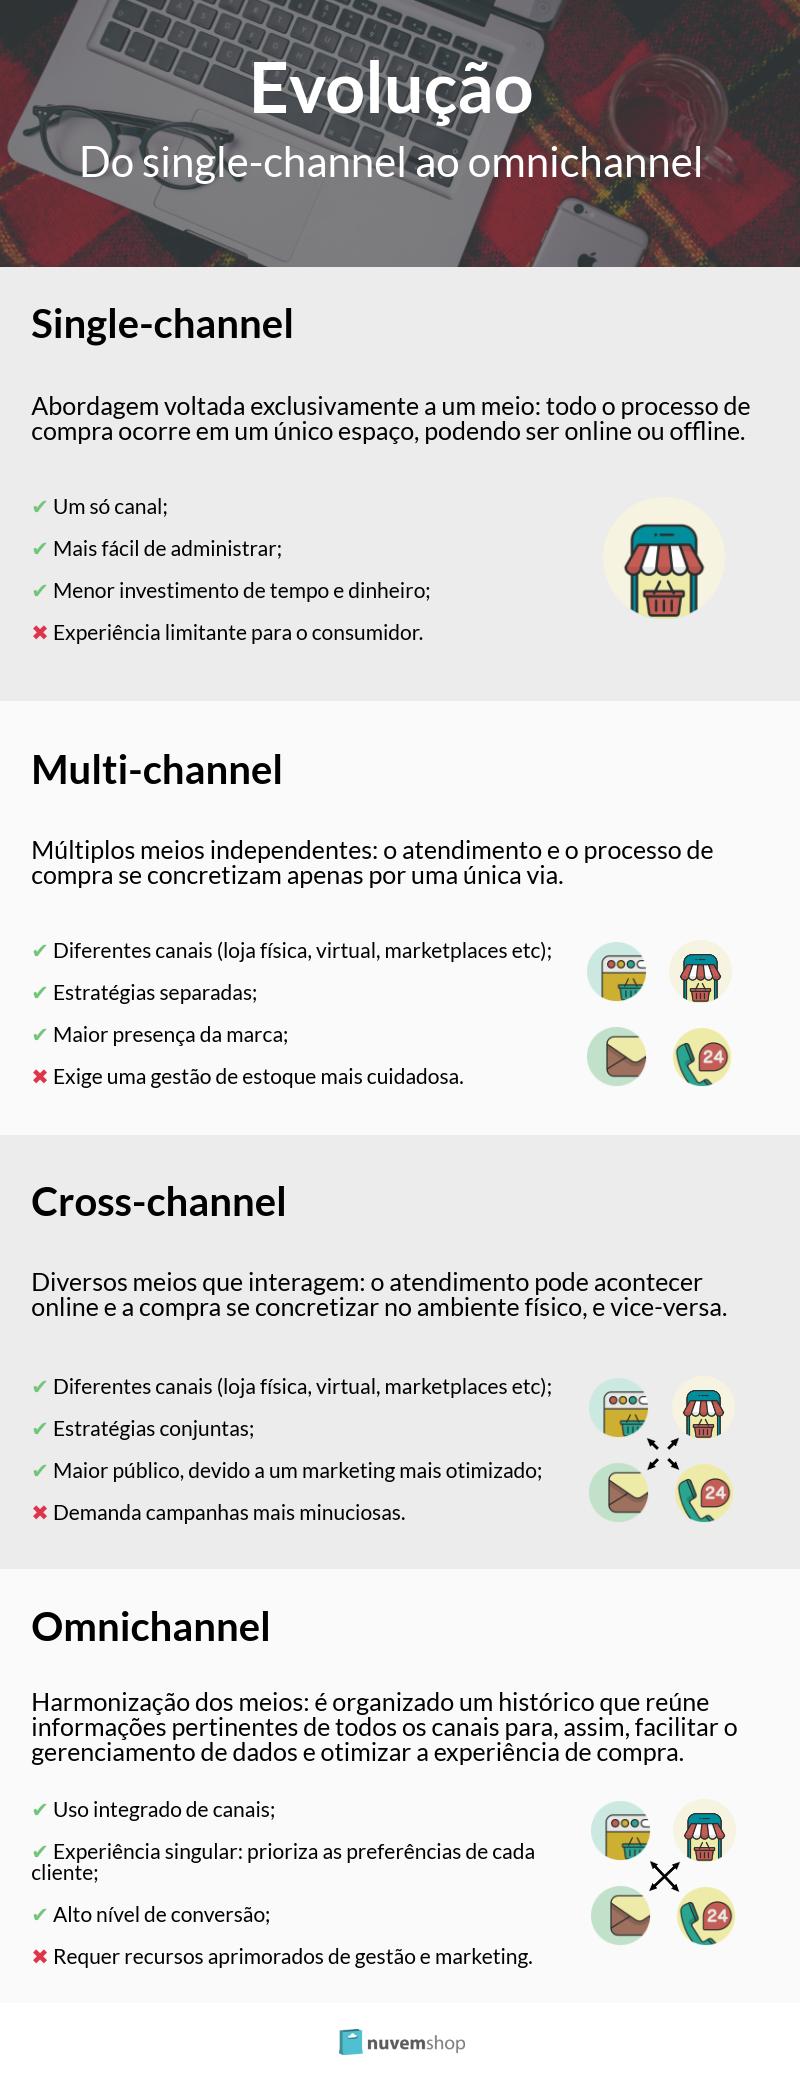 infografico single-channel multi-channel cross-channel e omnichannel